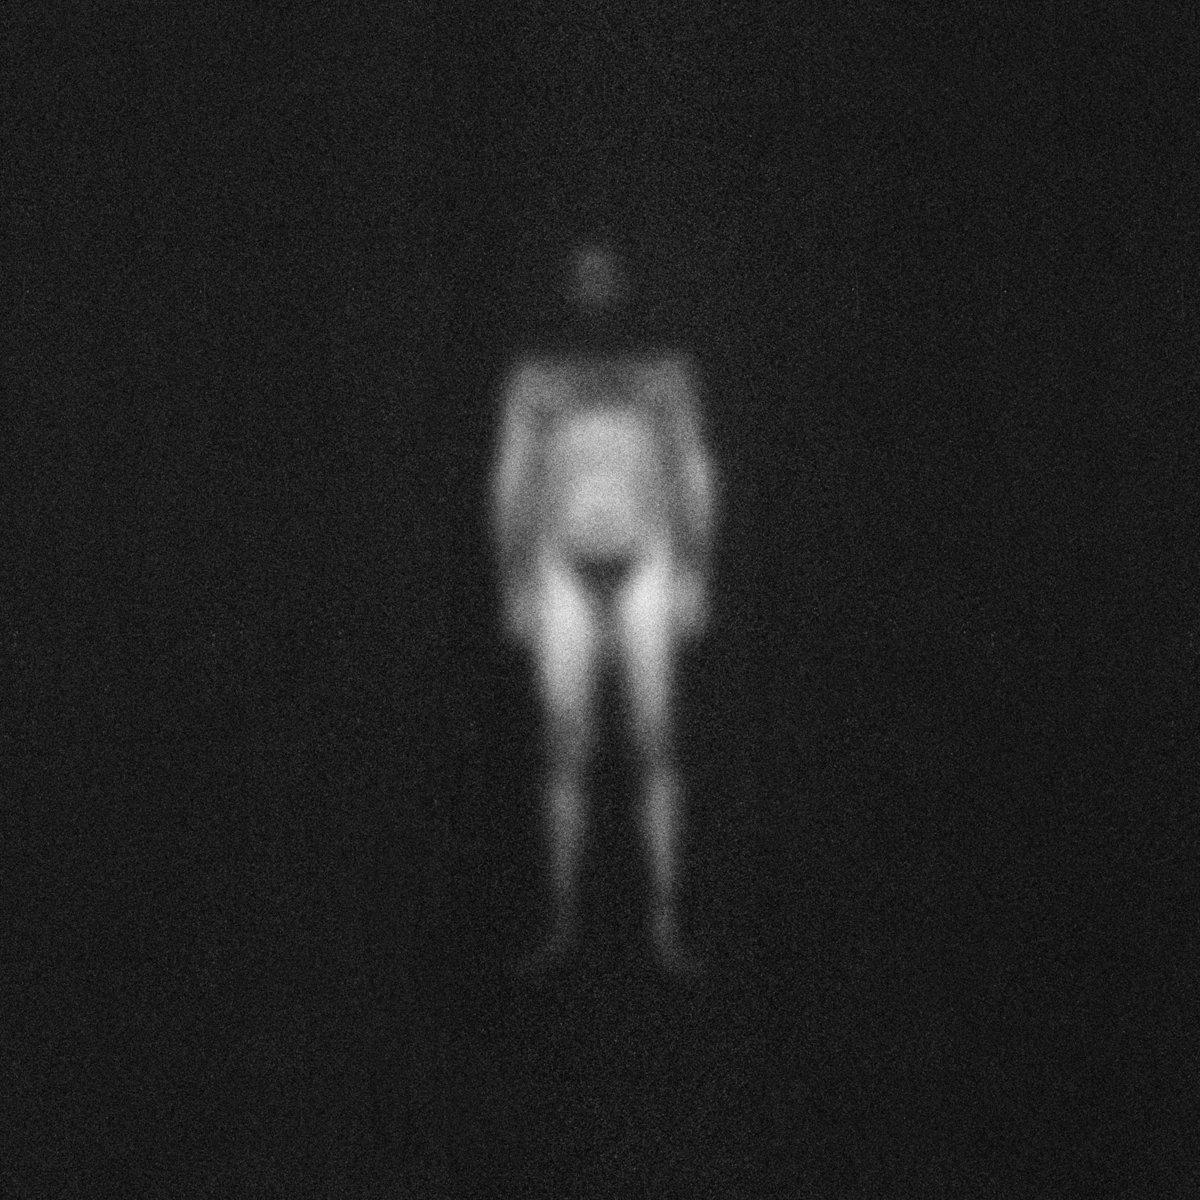 Il terzo album di Iosonouncane